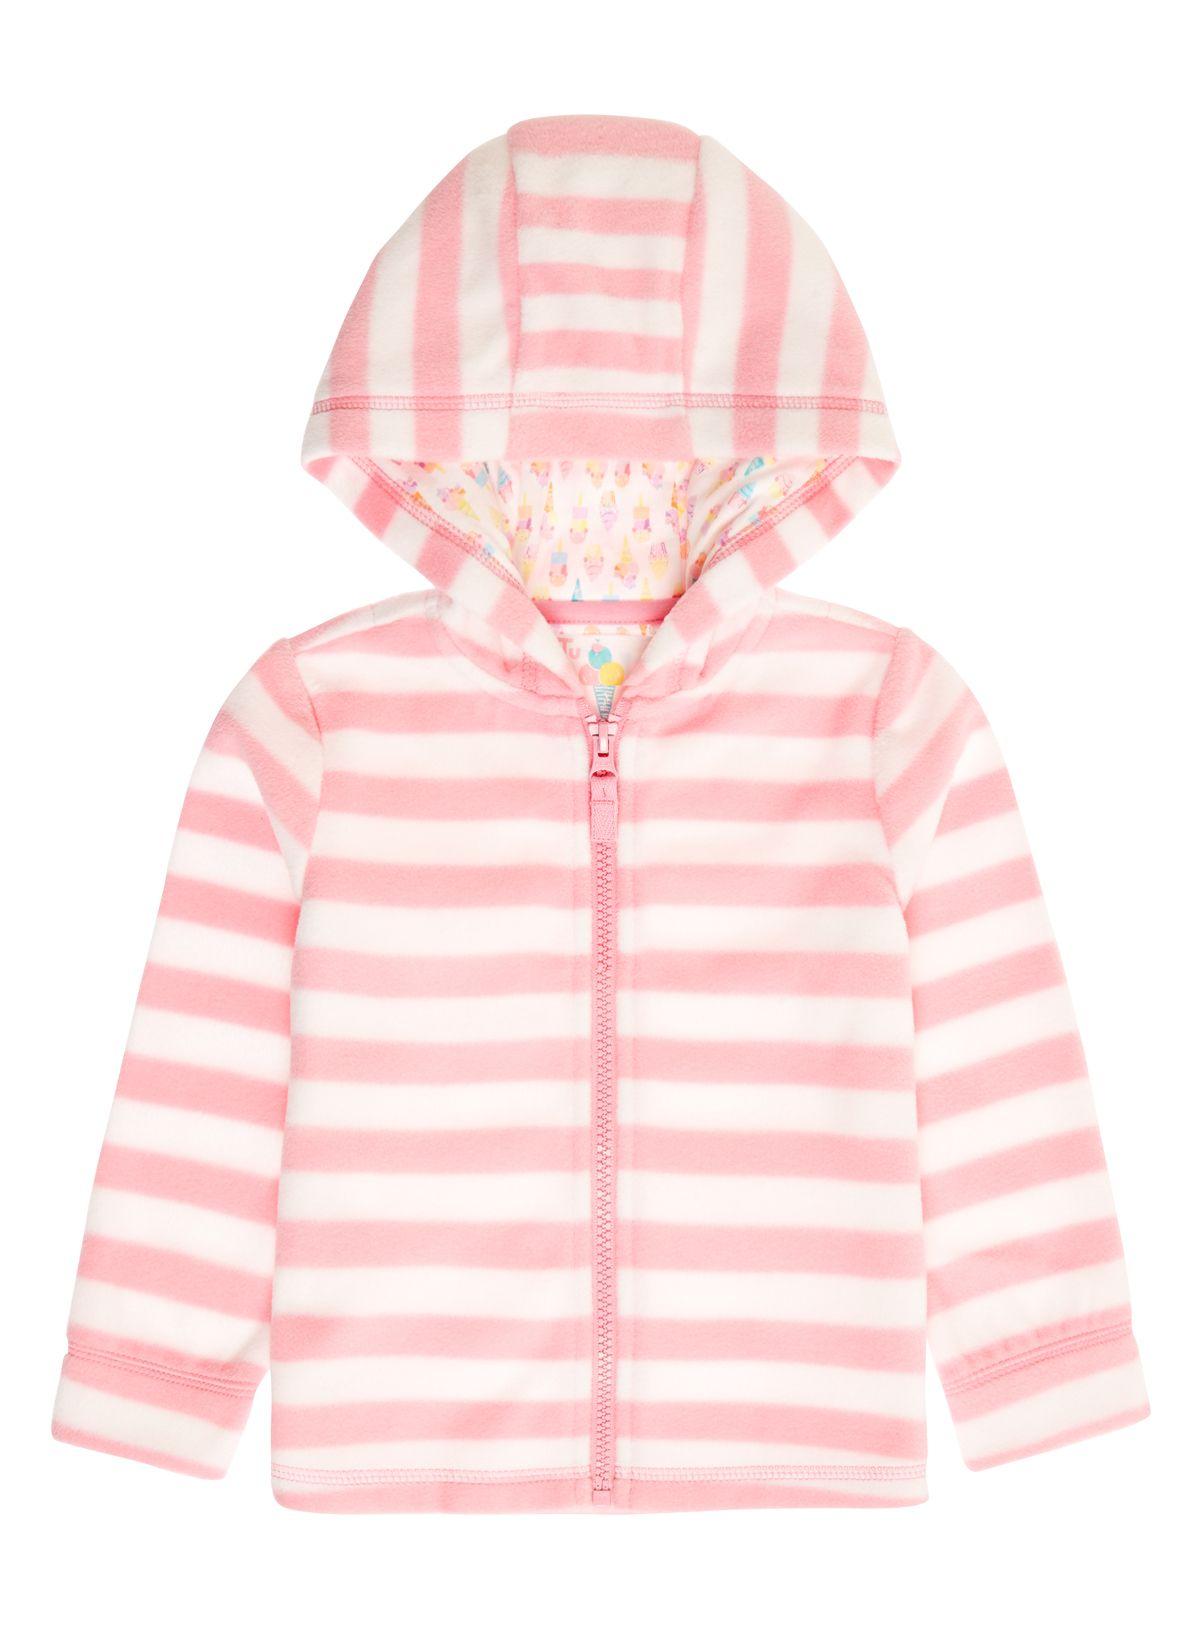 White apron sainsburys - 9 Months 5 Years Tu At Sainsburys Girls Pink Stripe Fleece Hoodie 5